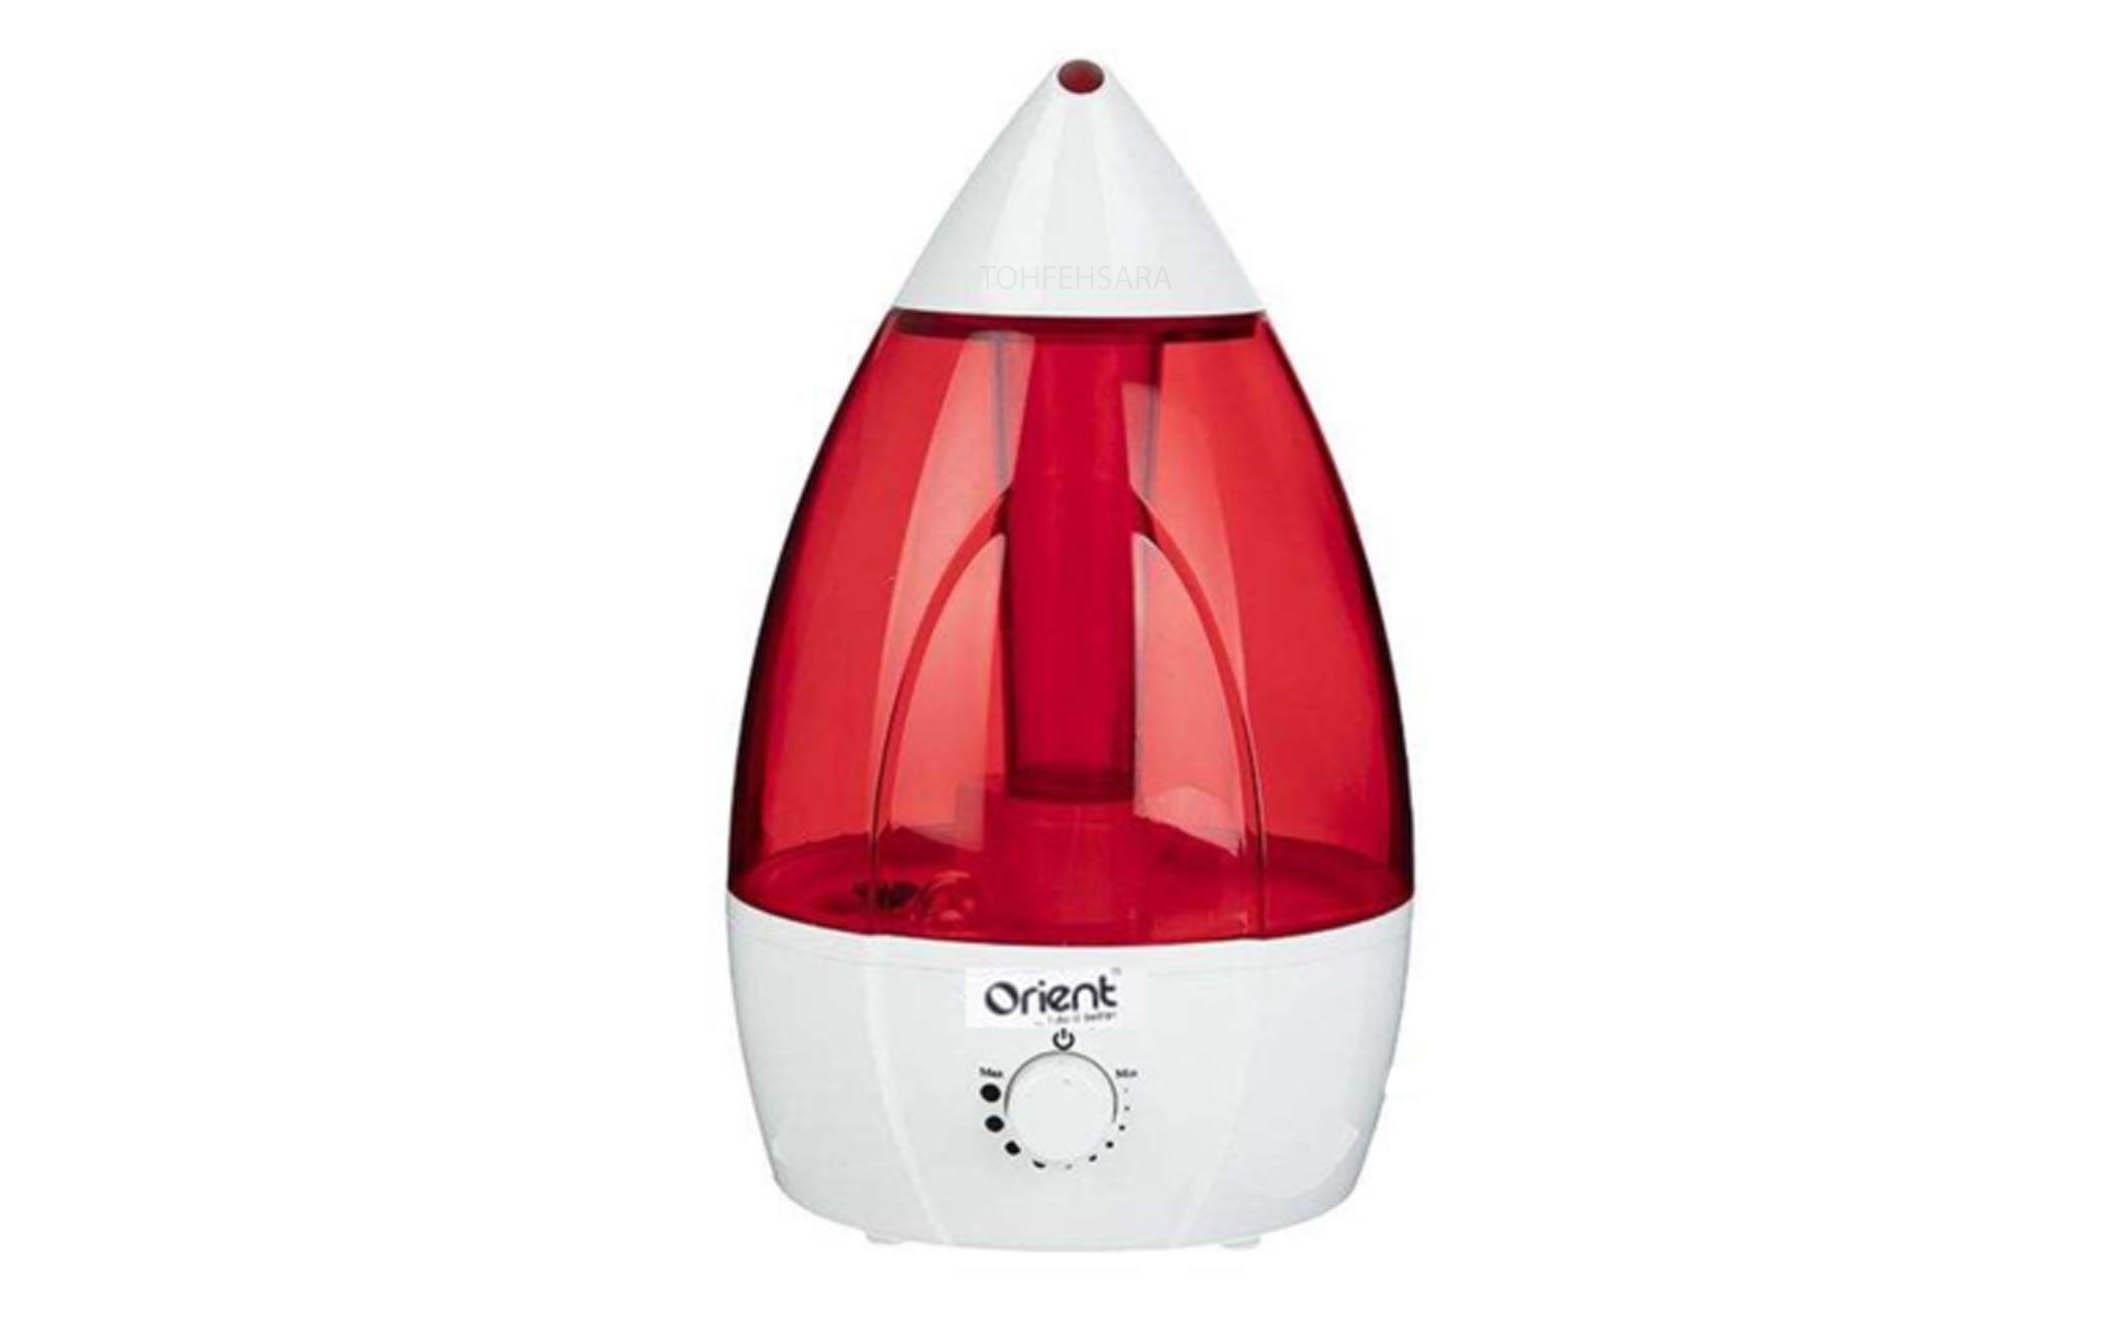 بخور سرد اورینت مدل O2